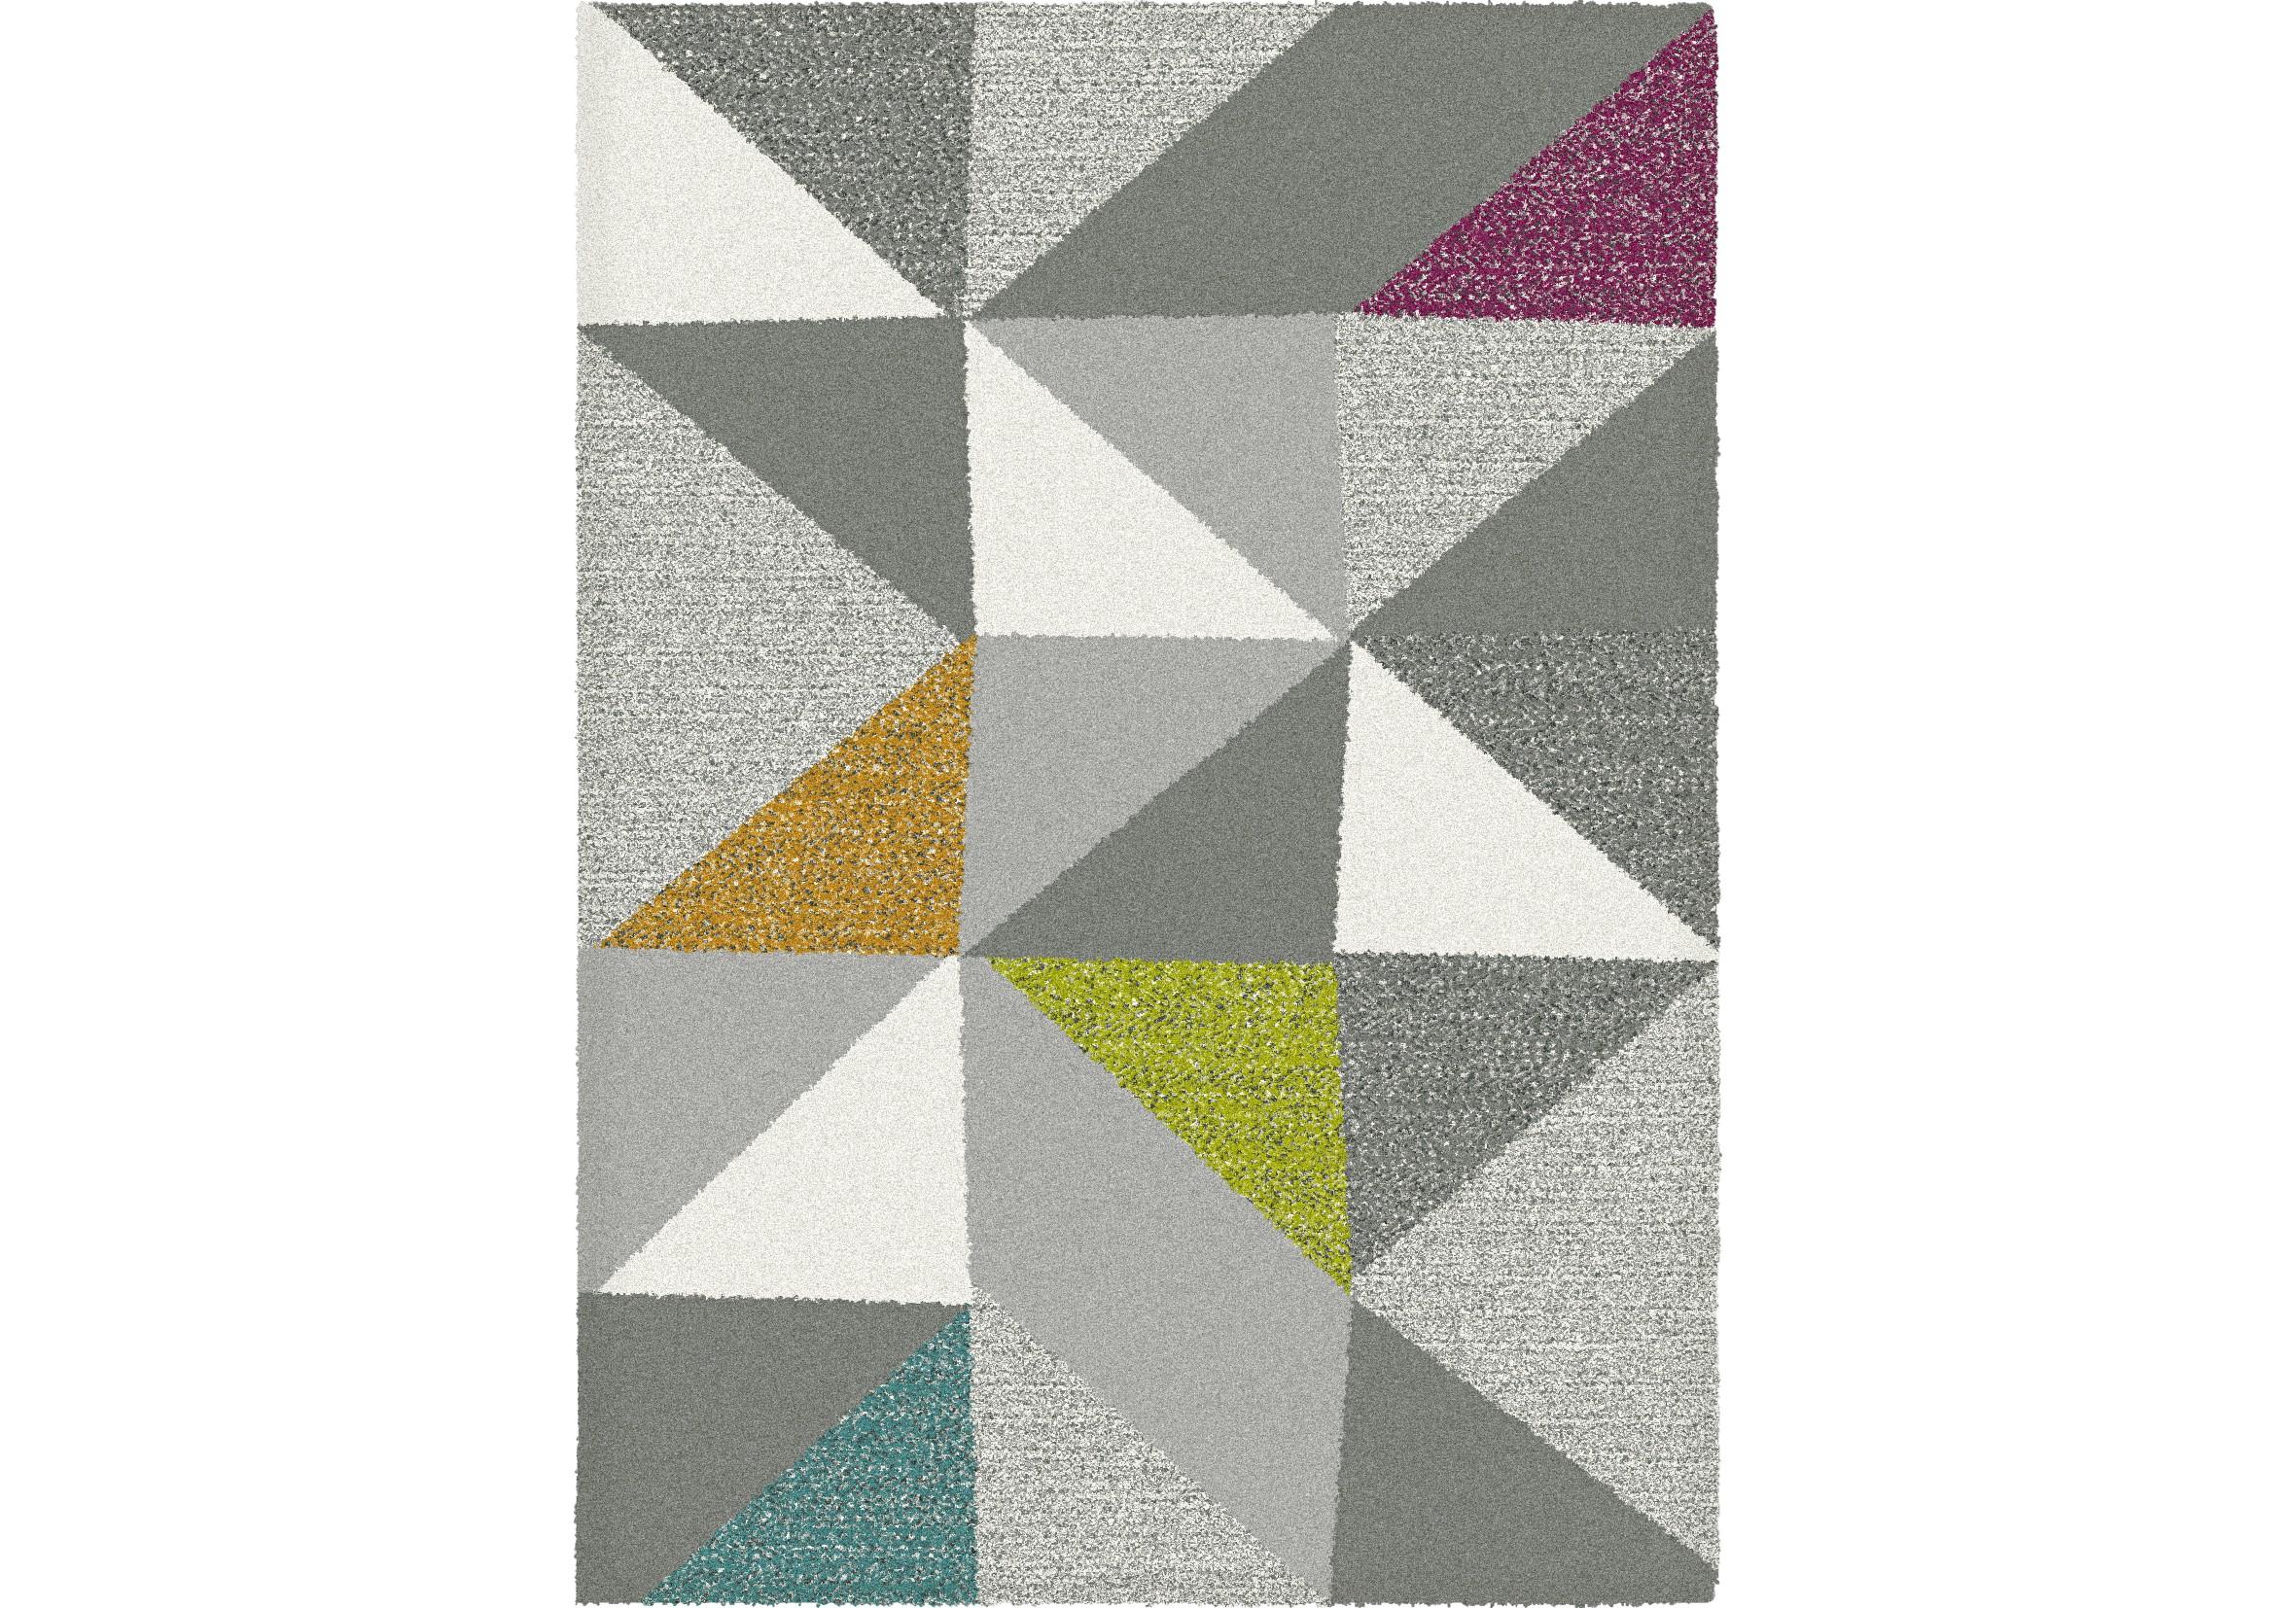 Ковер Sprinkle 230х160Прямоугольные ковры<br>Материал: 100% Полипропилен.<br><br>Material: Текстиль<br>Ширина см: 230<br>Глубина см: 160